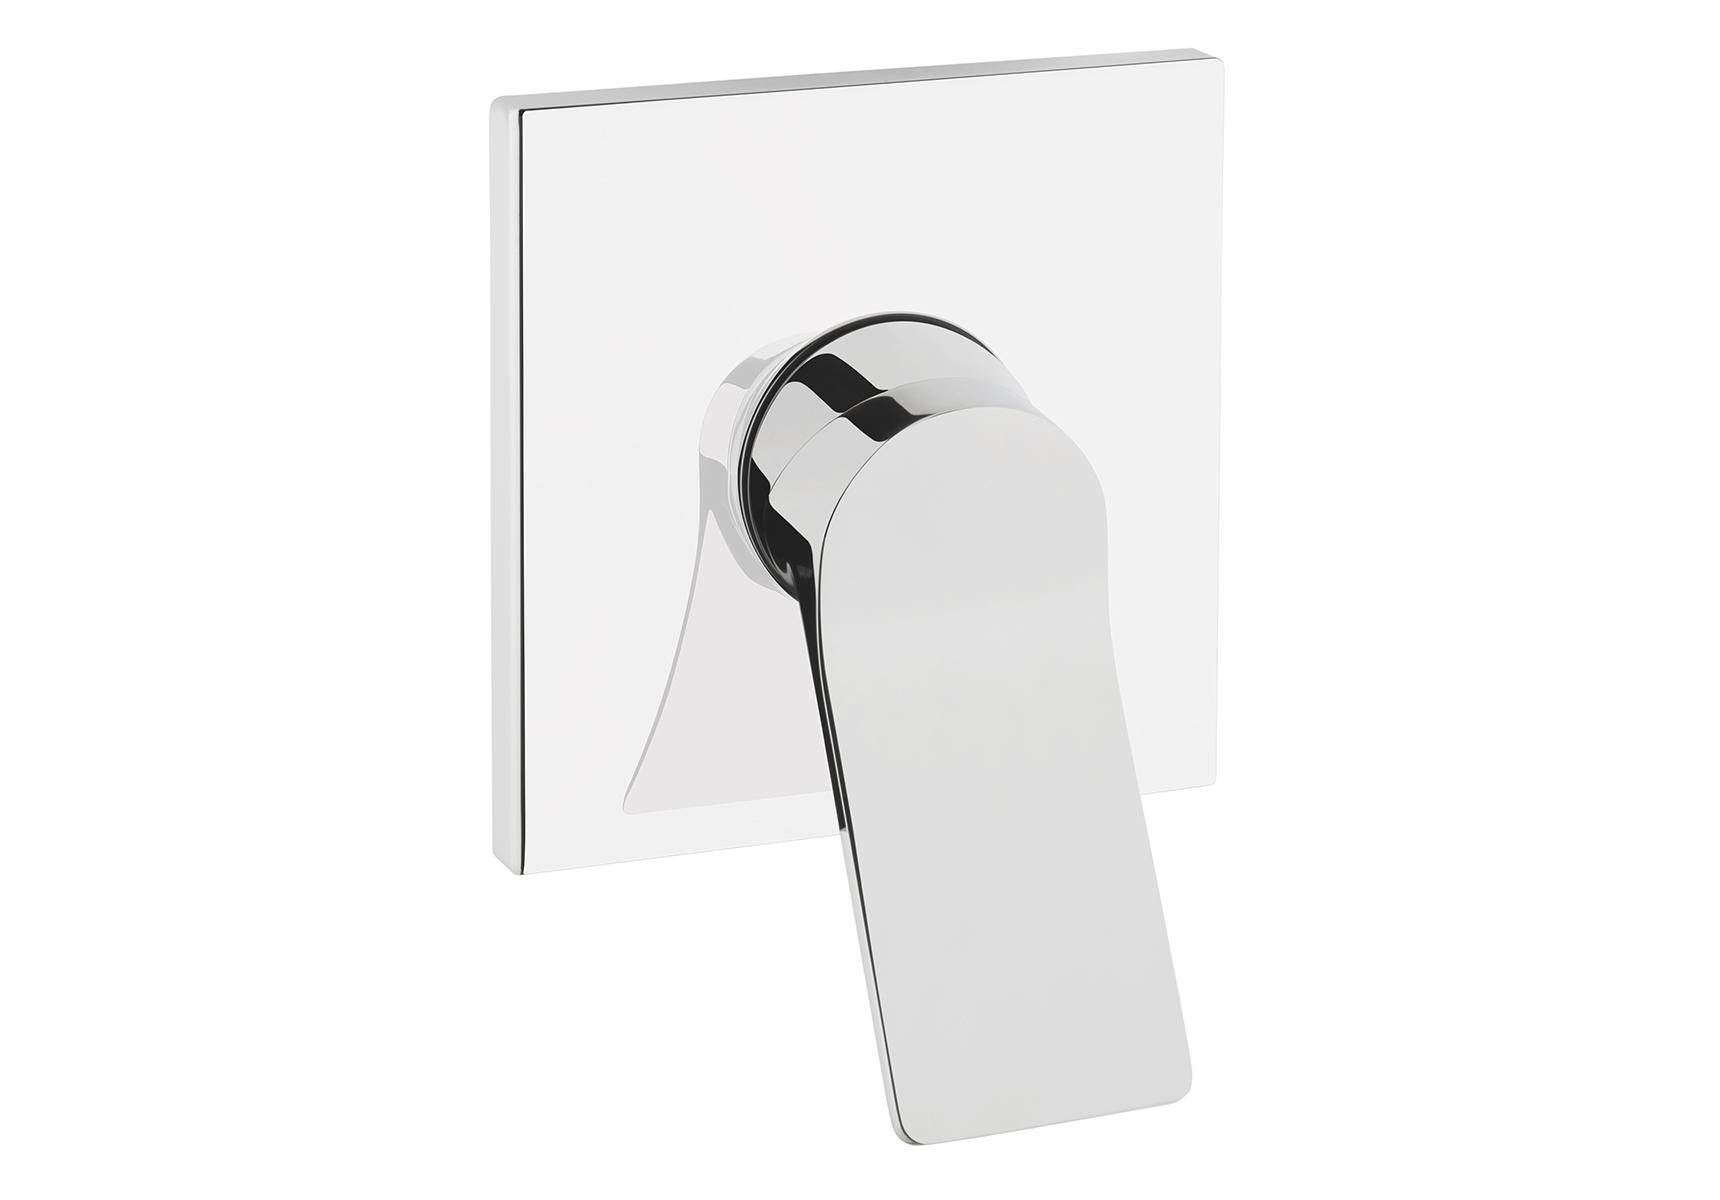 Memoria mitigeur douche à encastrer, façade à encastrer